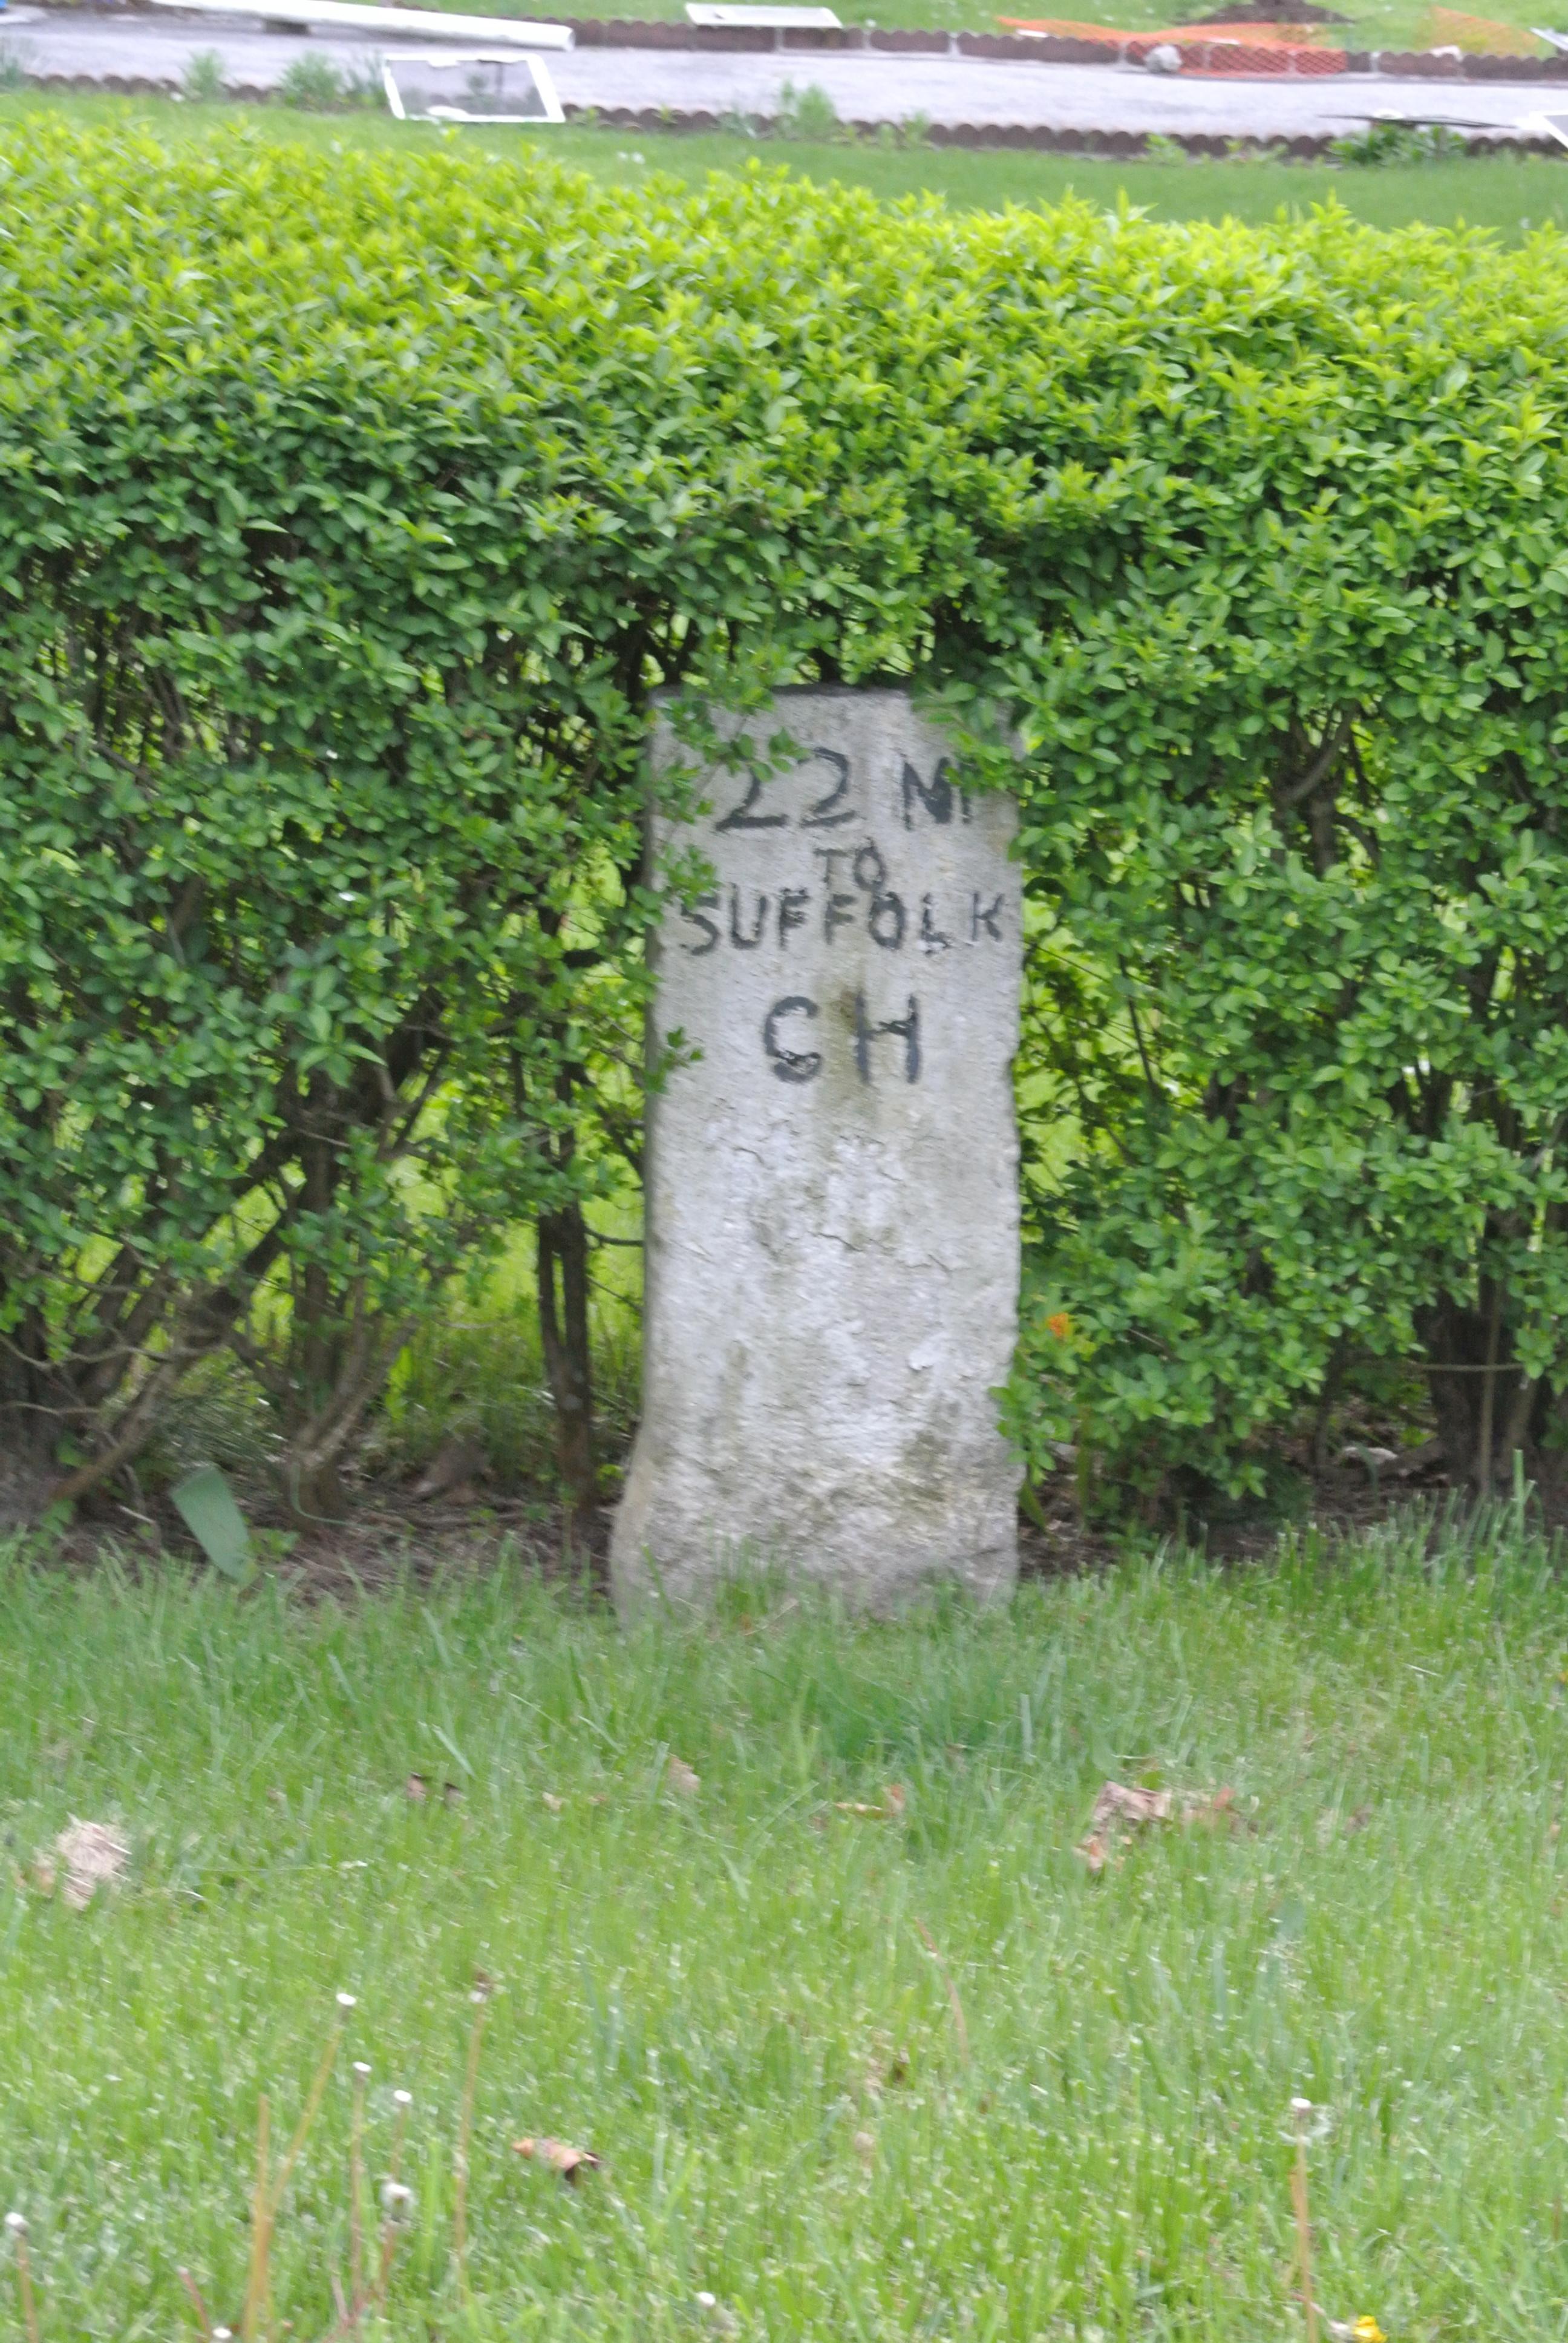 Southold Town Milestone #22